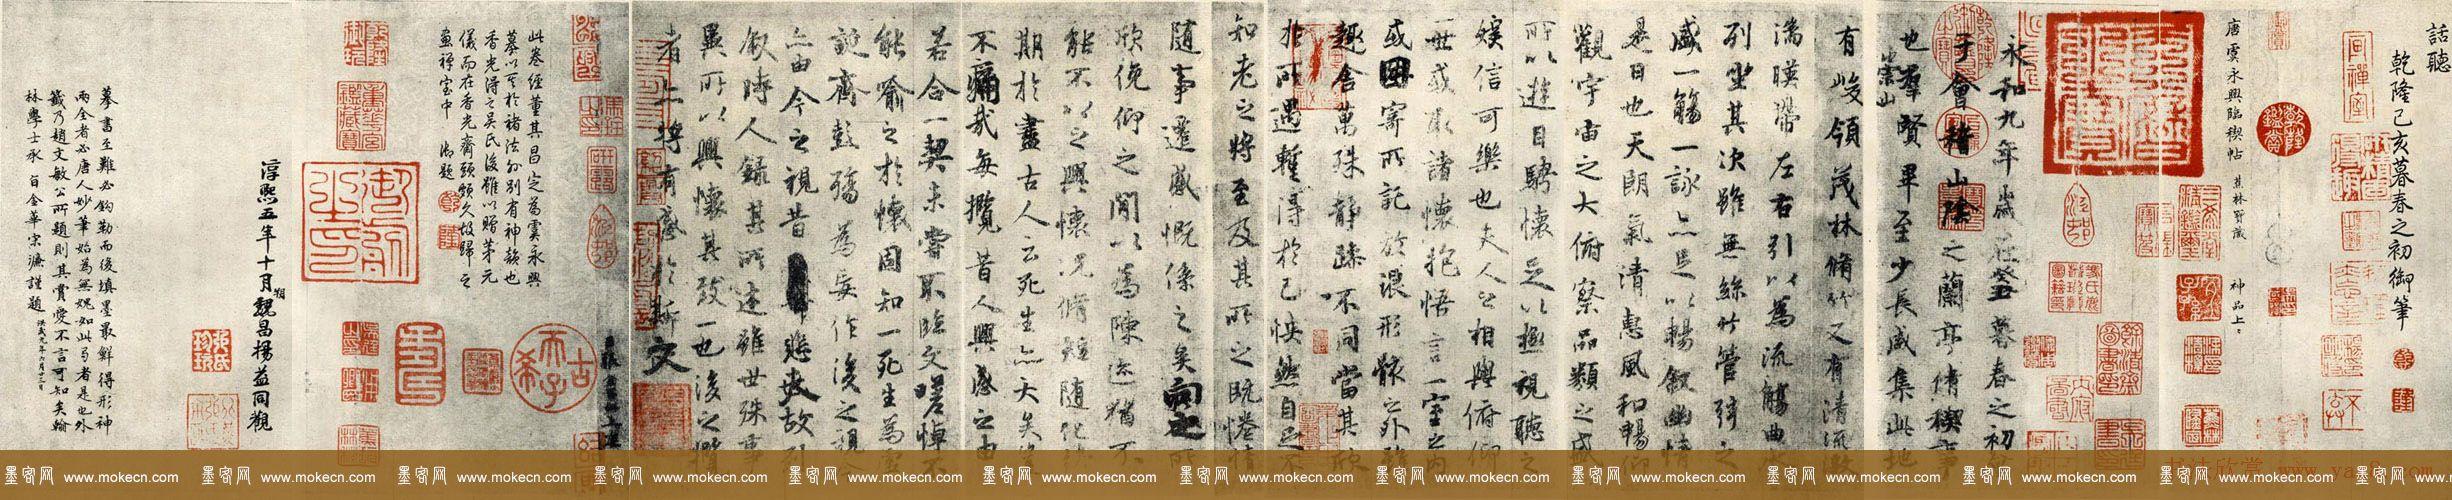 虞世南书法作品欣赏临《兰亭序》